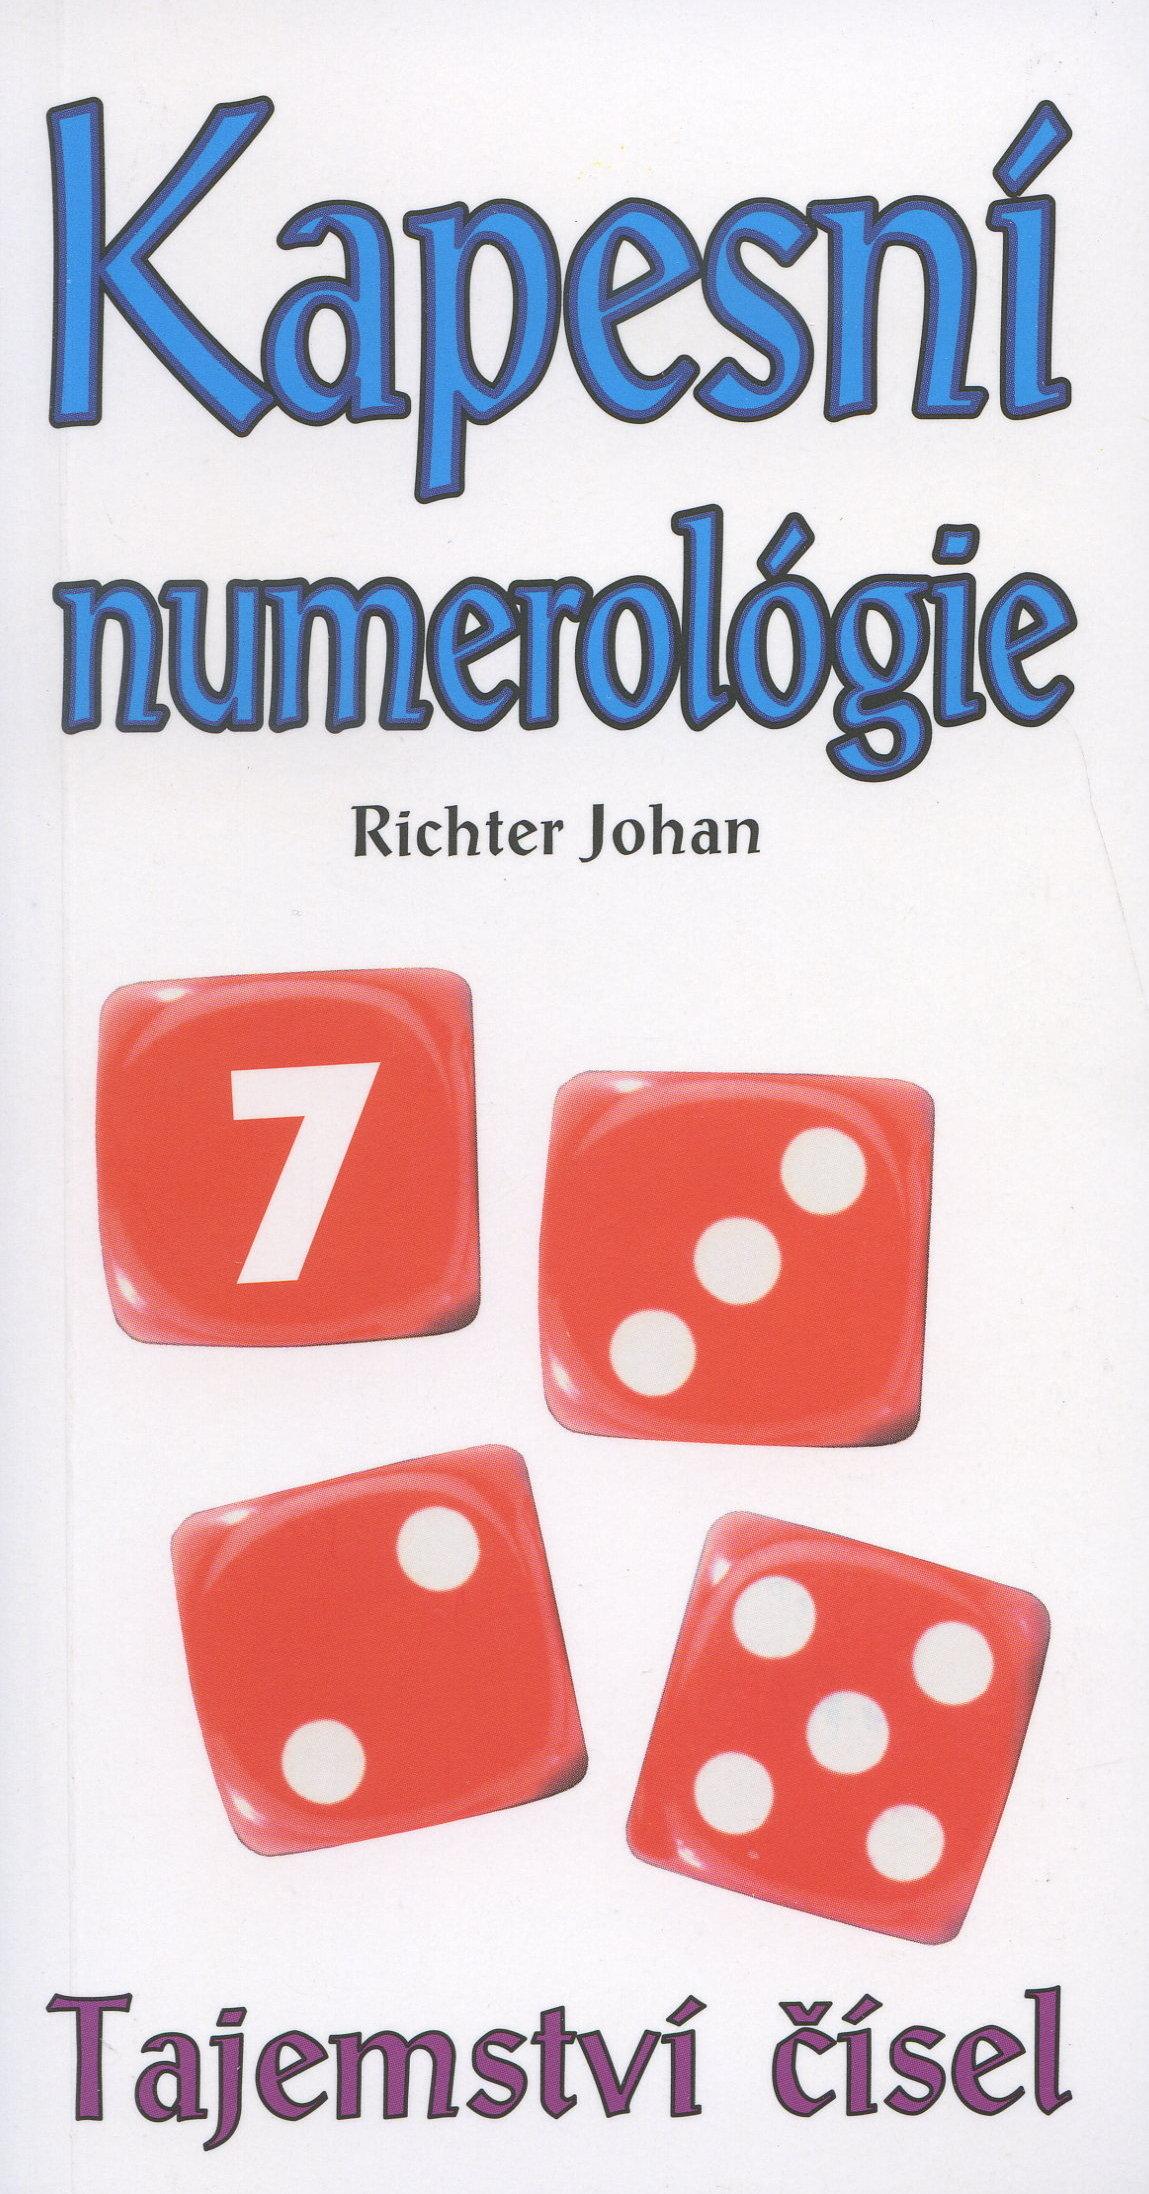 Kapesní numerologie - tajemství čísel